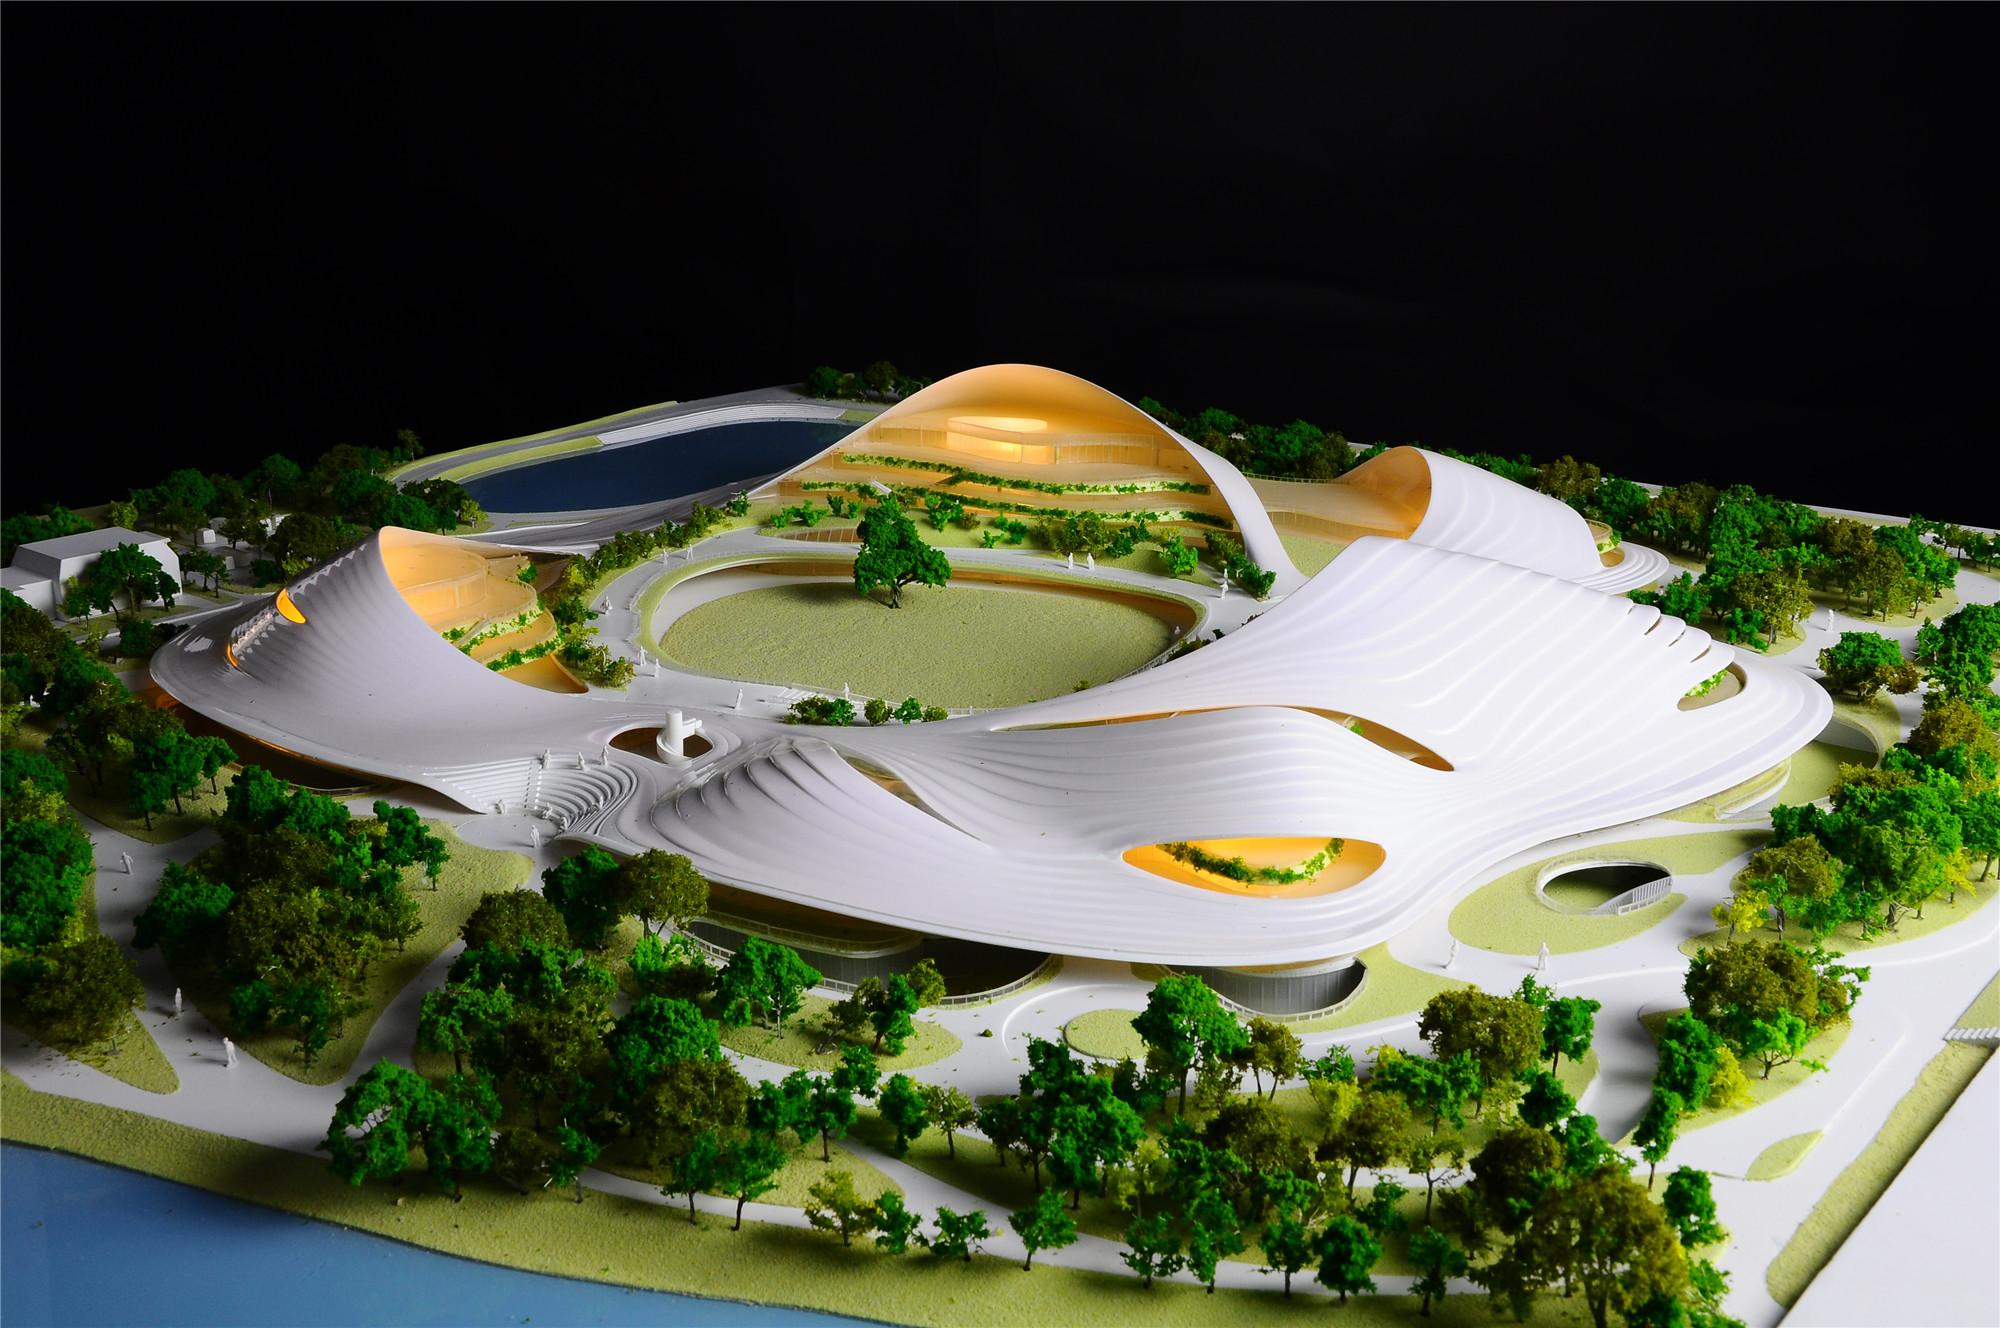 18_Jiaxing Nanhu Future Plaza_model_by Tim